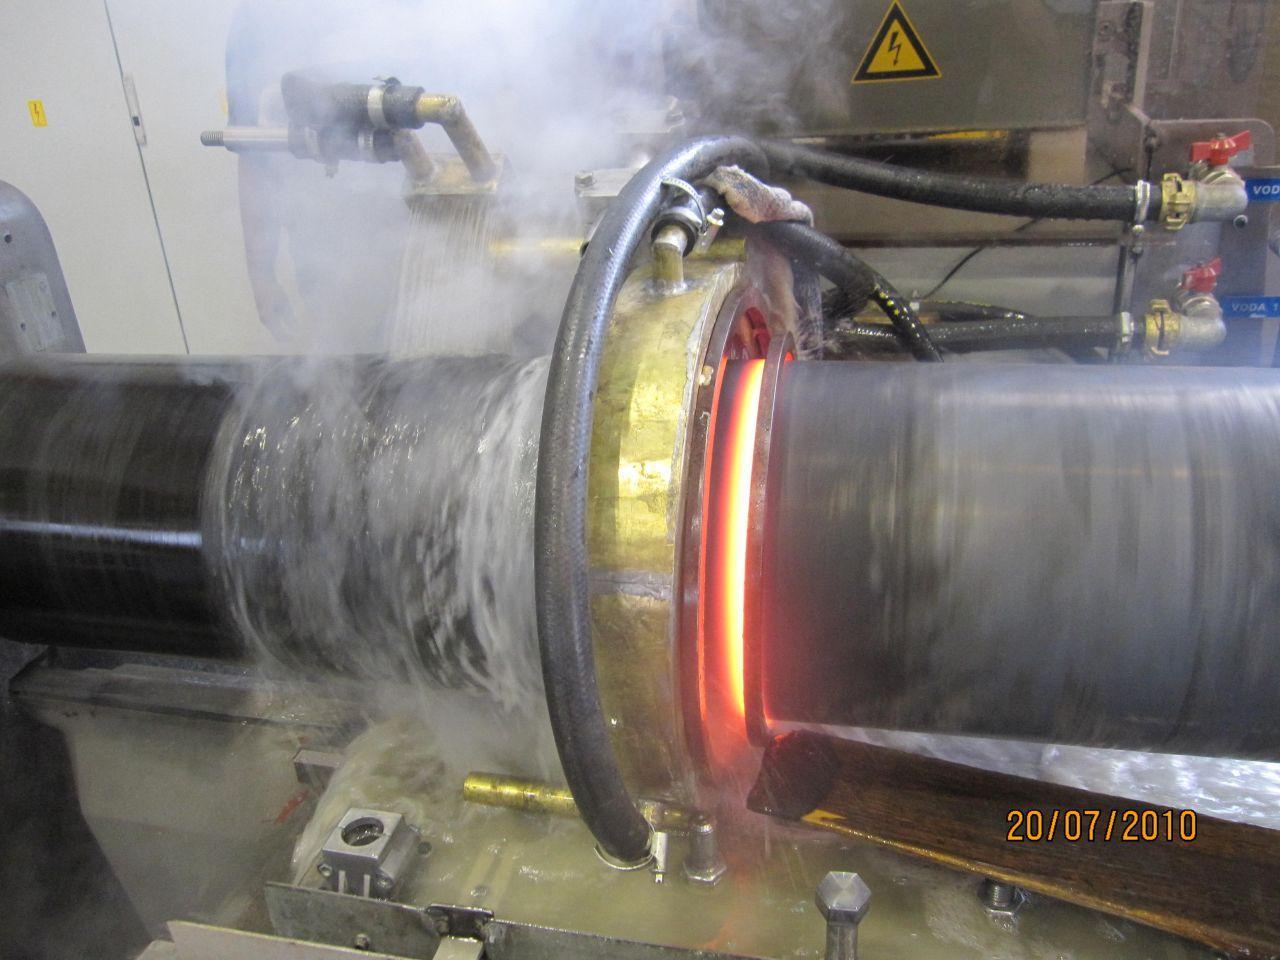 Indukcijsko taljenje kovin, induktivno površinsko kaljenje kovin inel 010